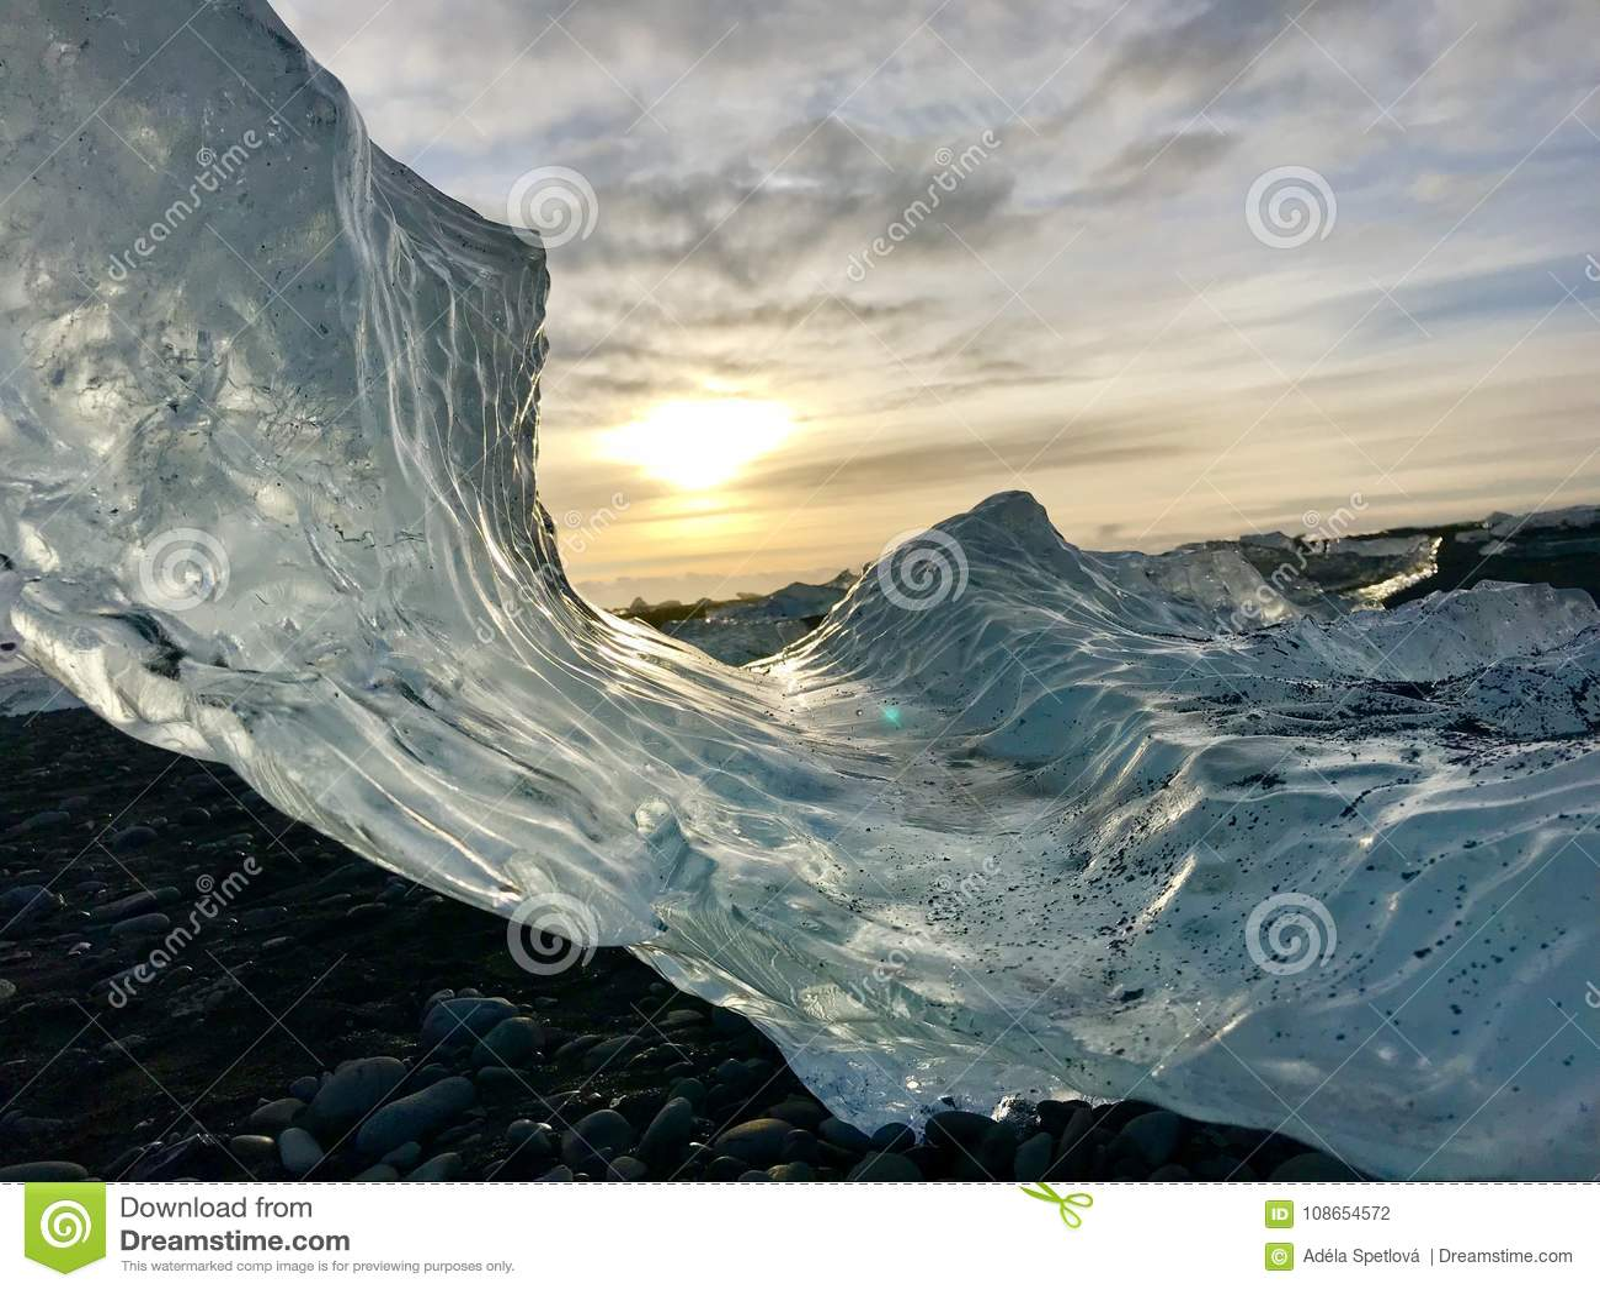 Ice On Diamond Beach Iceland Stock Photo Image Of Sunset Ocean